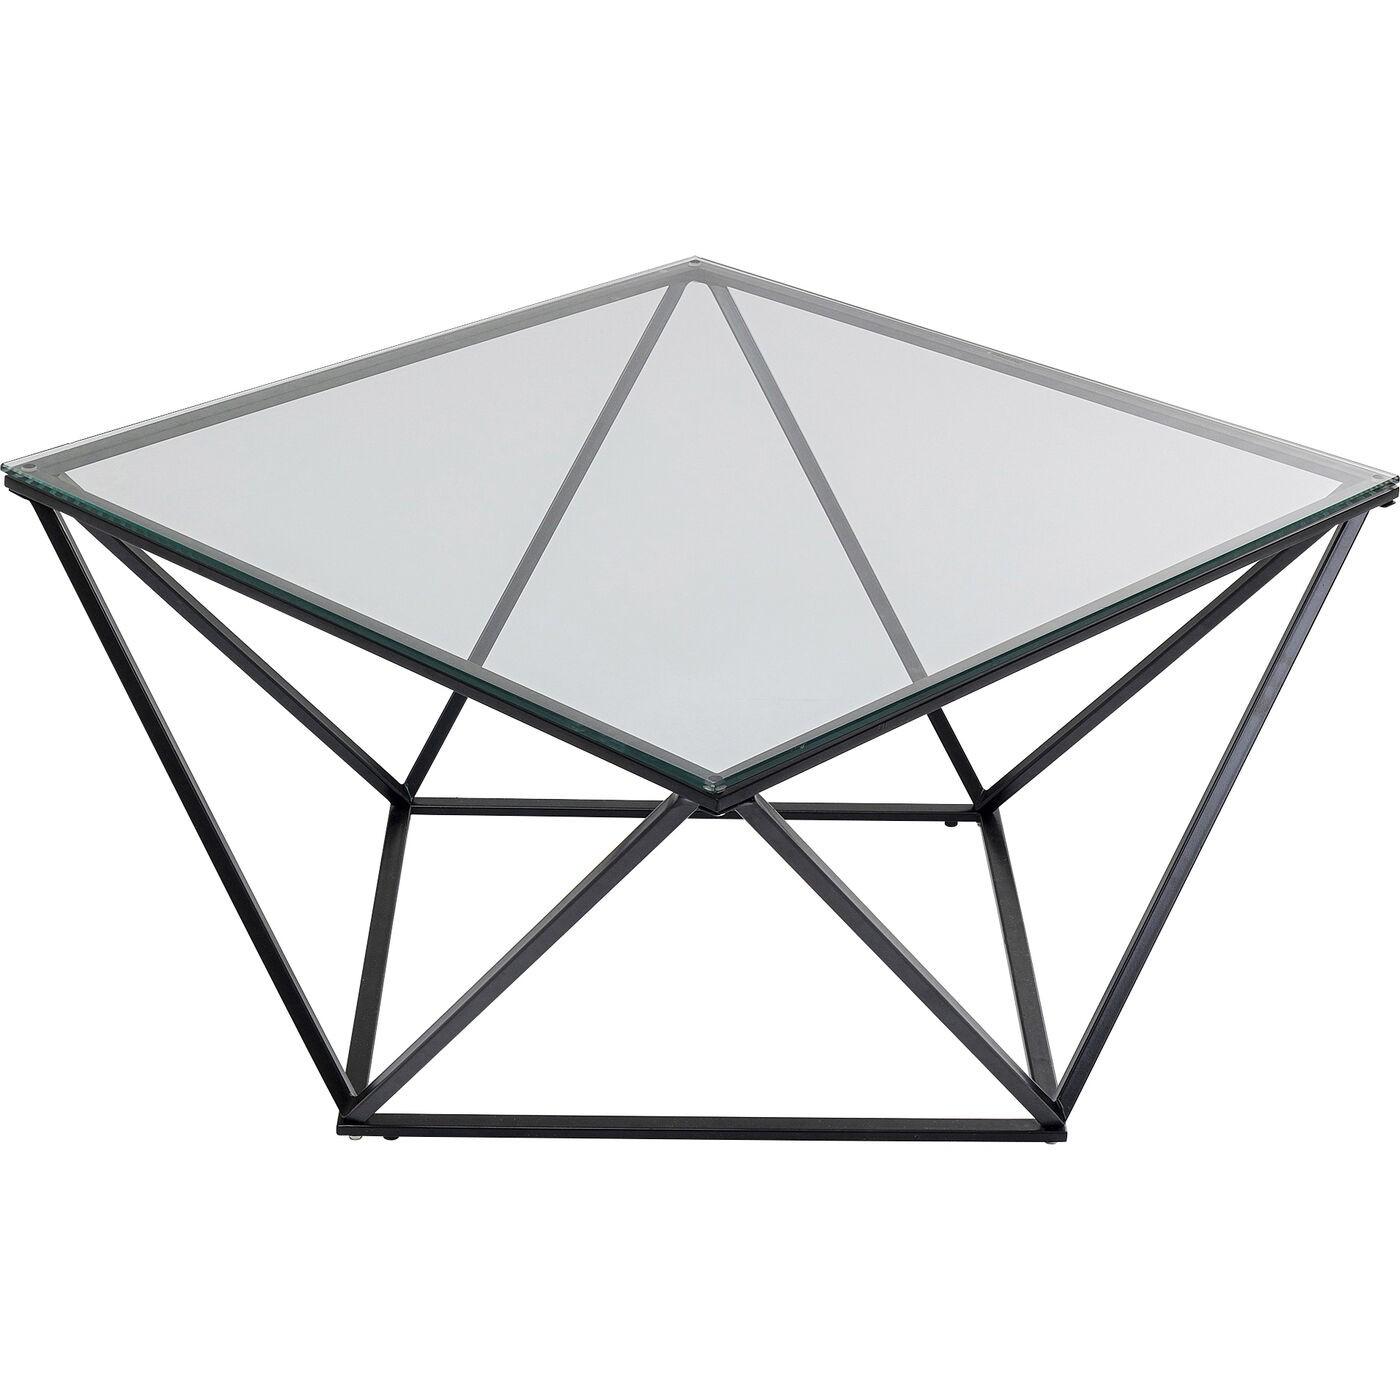 Table basse Cristallo 80x80cm noire Kare Design